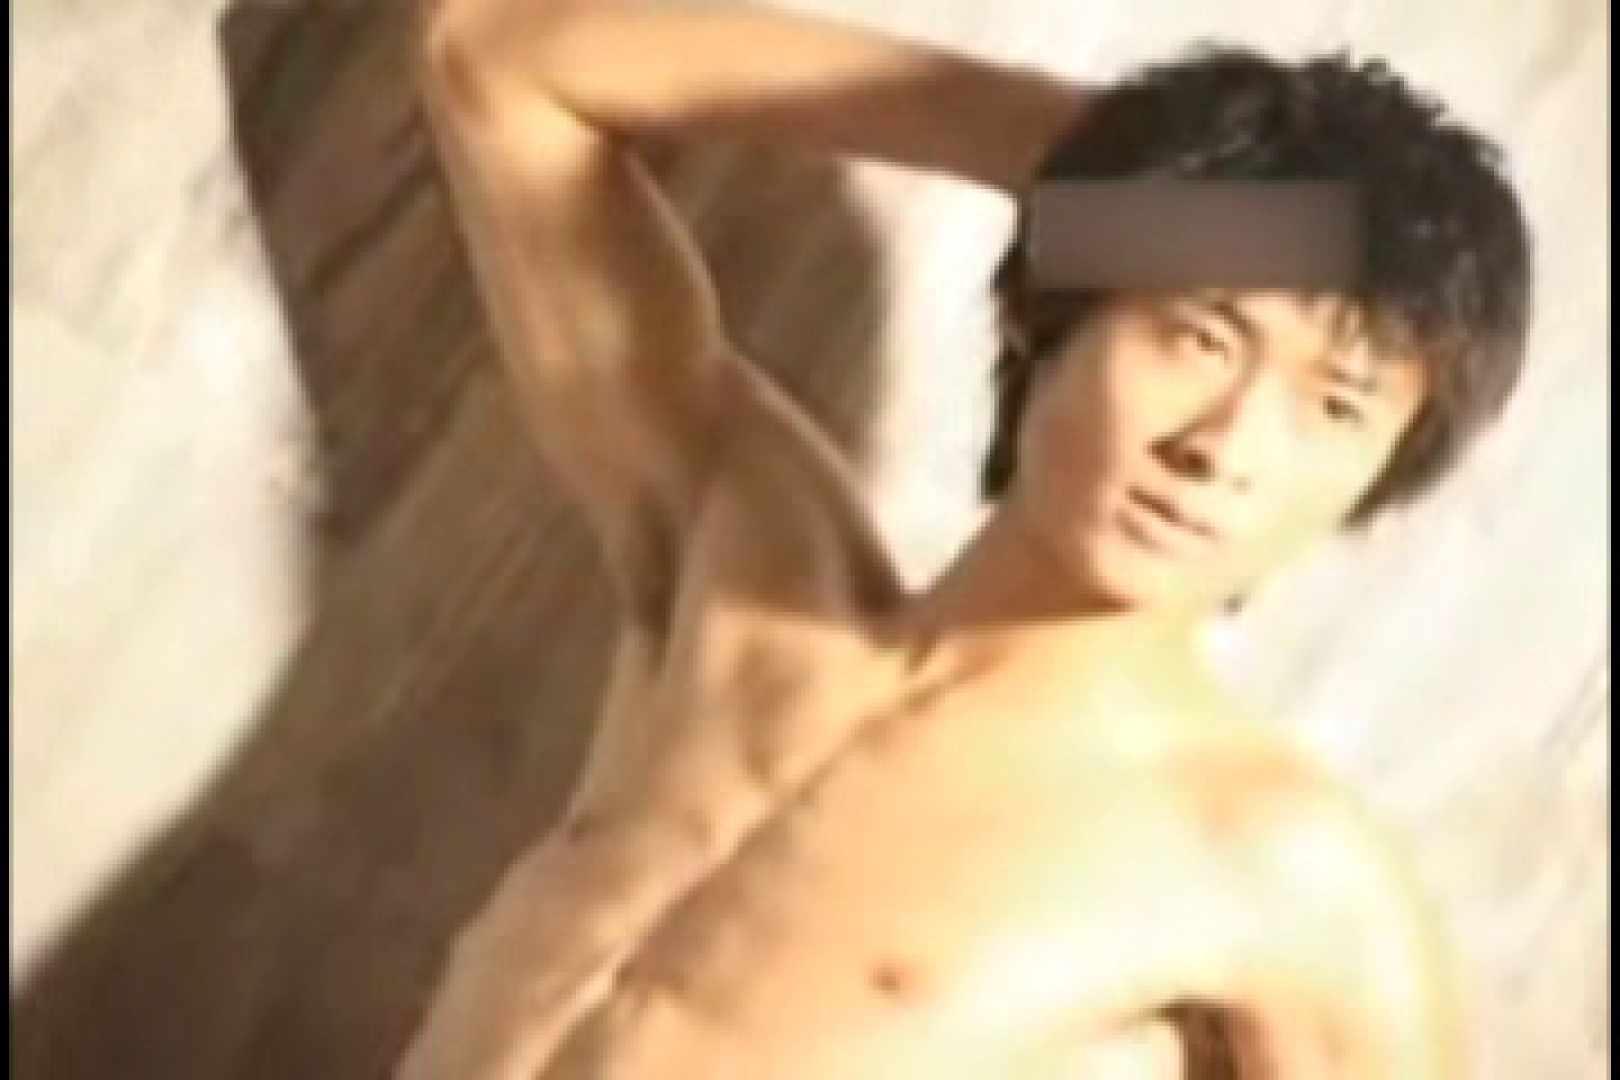 流出!!中出スーパーモデルya● jin hao モデル | 流出新着 アダルトビデオ画像キャプチャ 11連発 4